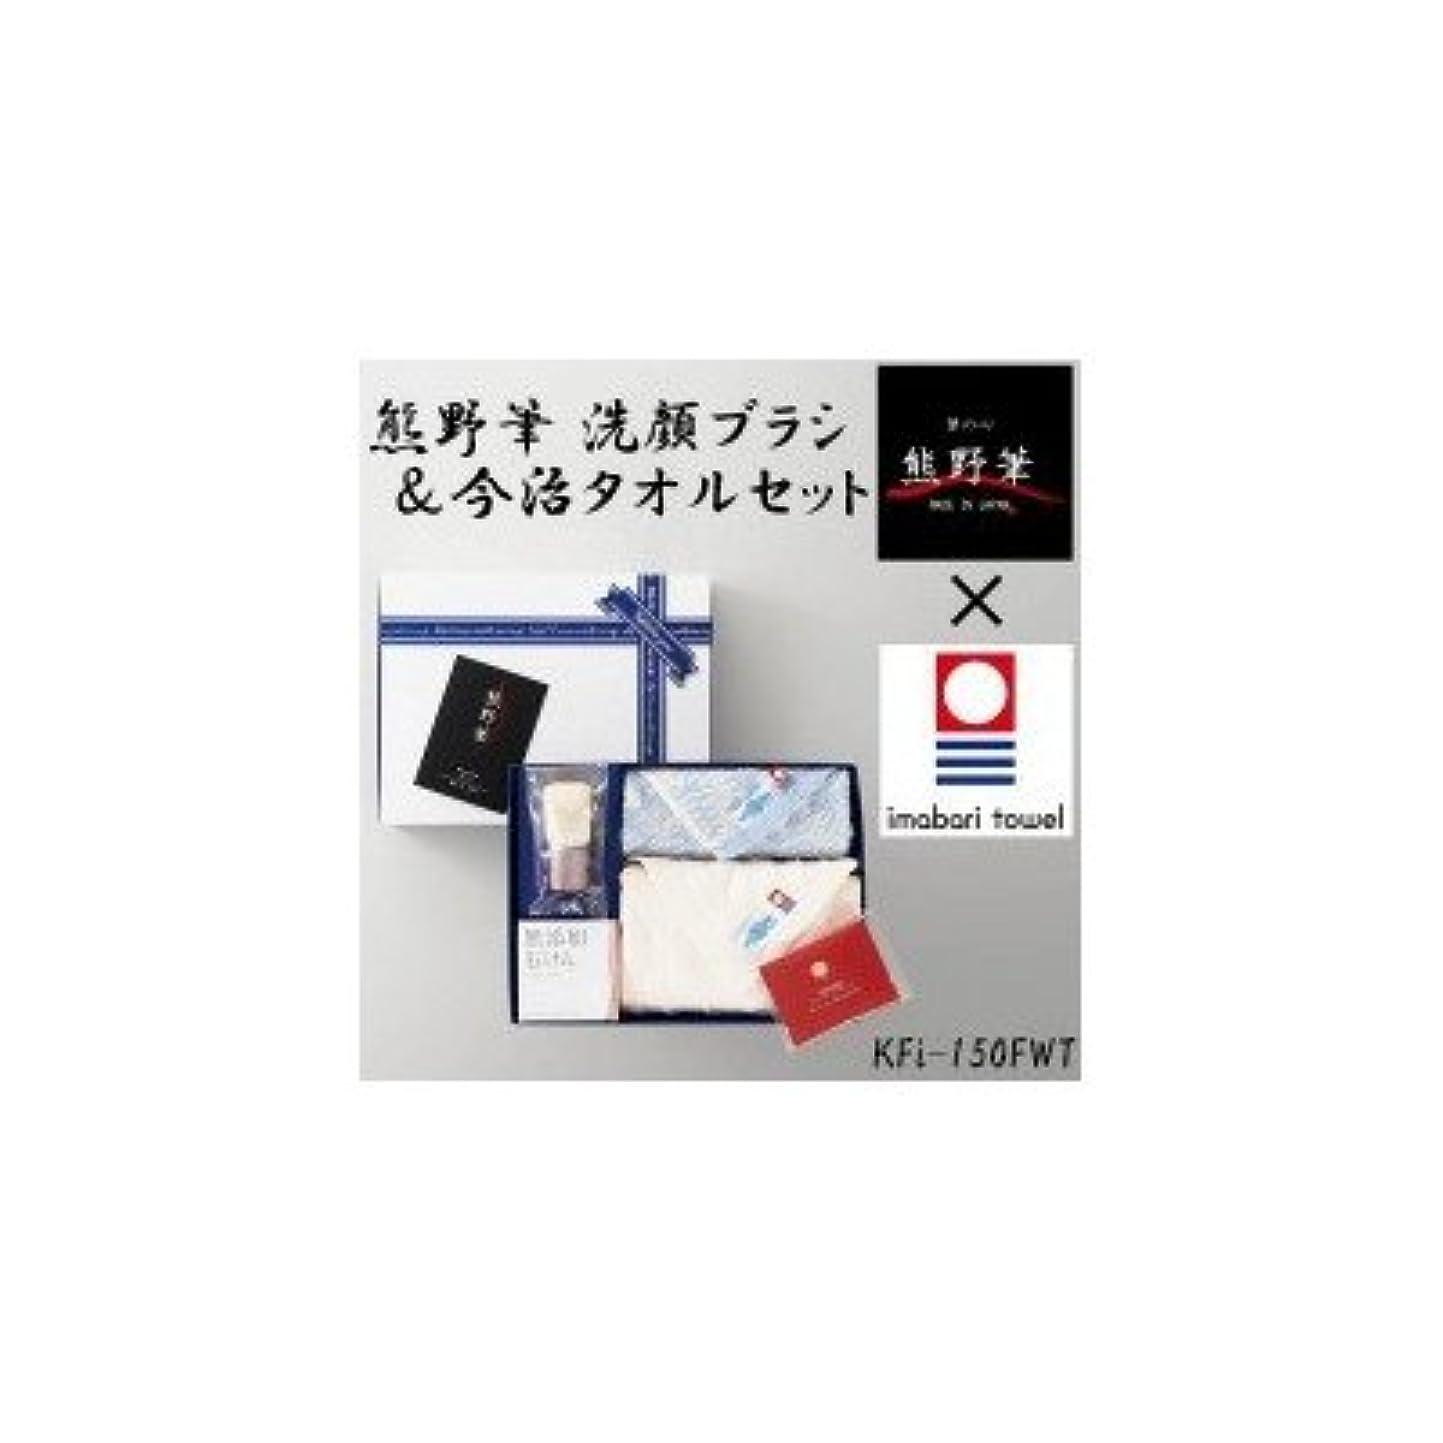 物足りない混合恐れ熊野筆と今治タオルのコラボレーション 熊野筆 洗顔ブラシ&今治タオルセット KFi-150FWT